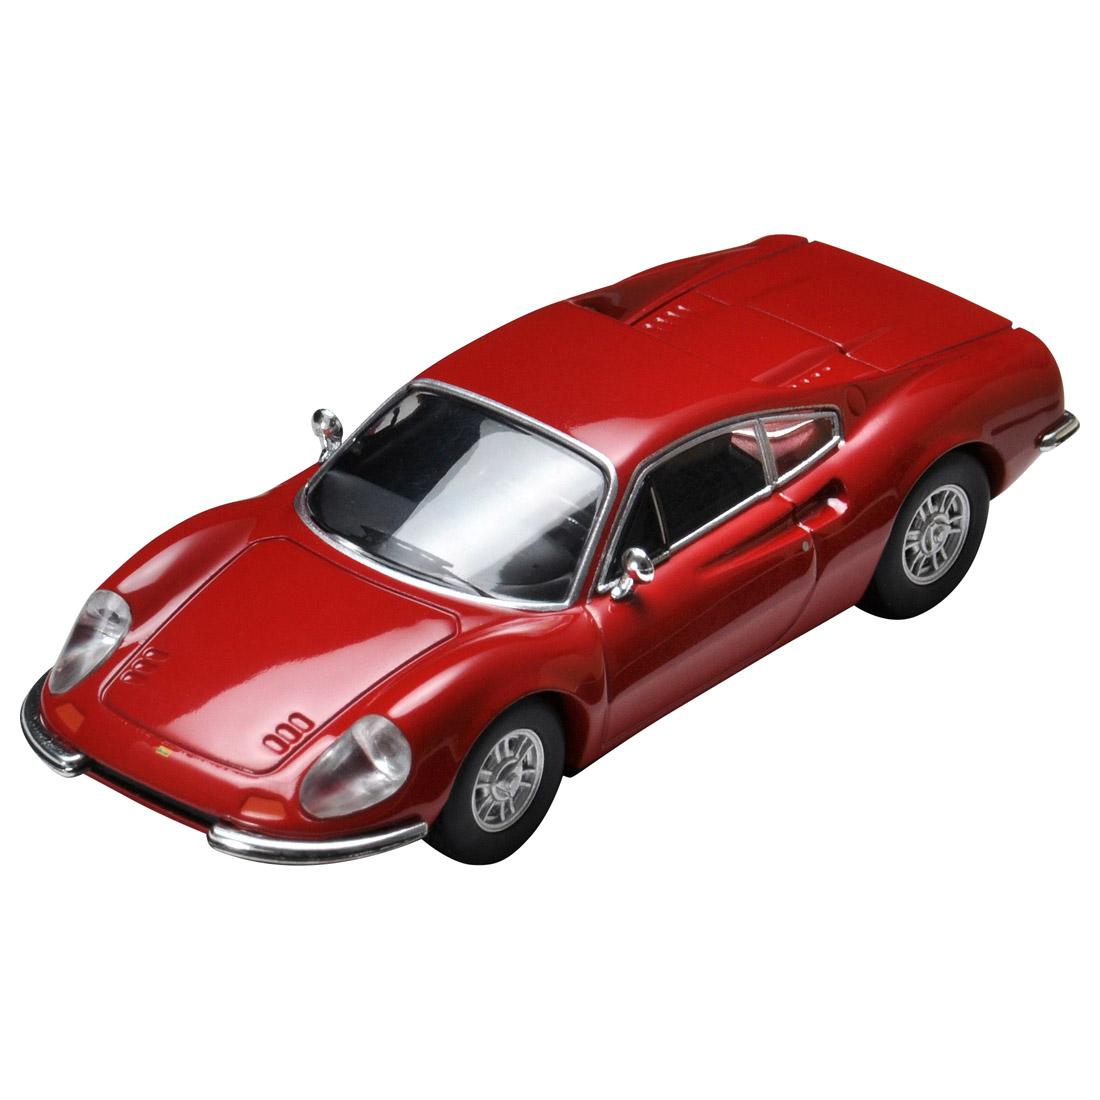 トミカリミテッドヴィンテージ TLV『ディーノ246GT(赤)』ミニカー-001